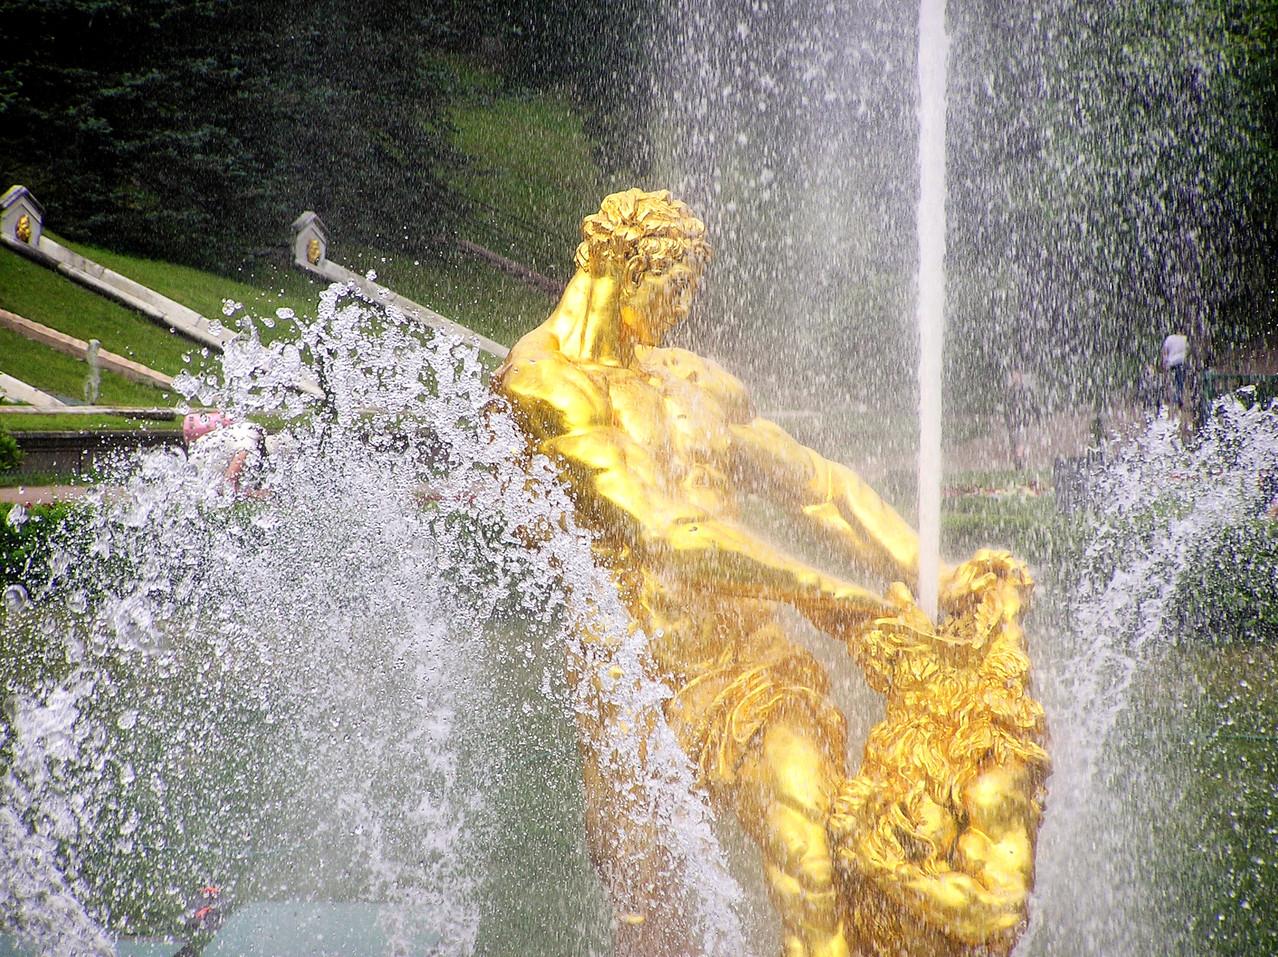 Samson bezwingt den Löwen - Symbol des Sieges über Schweden